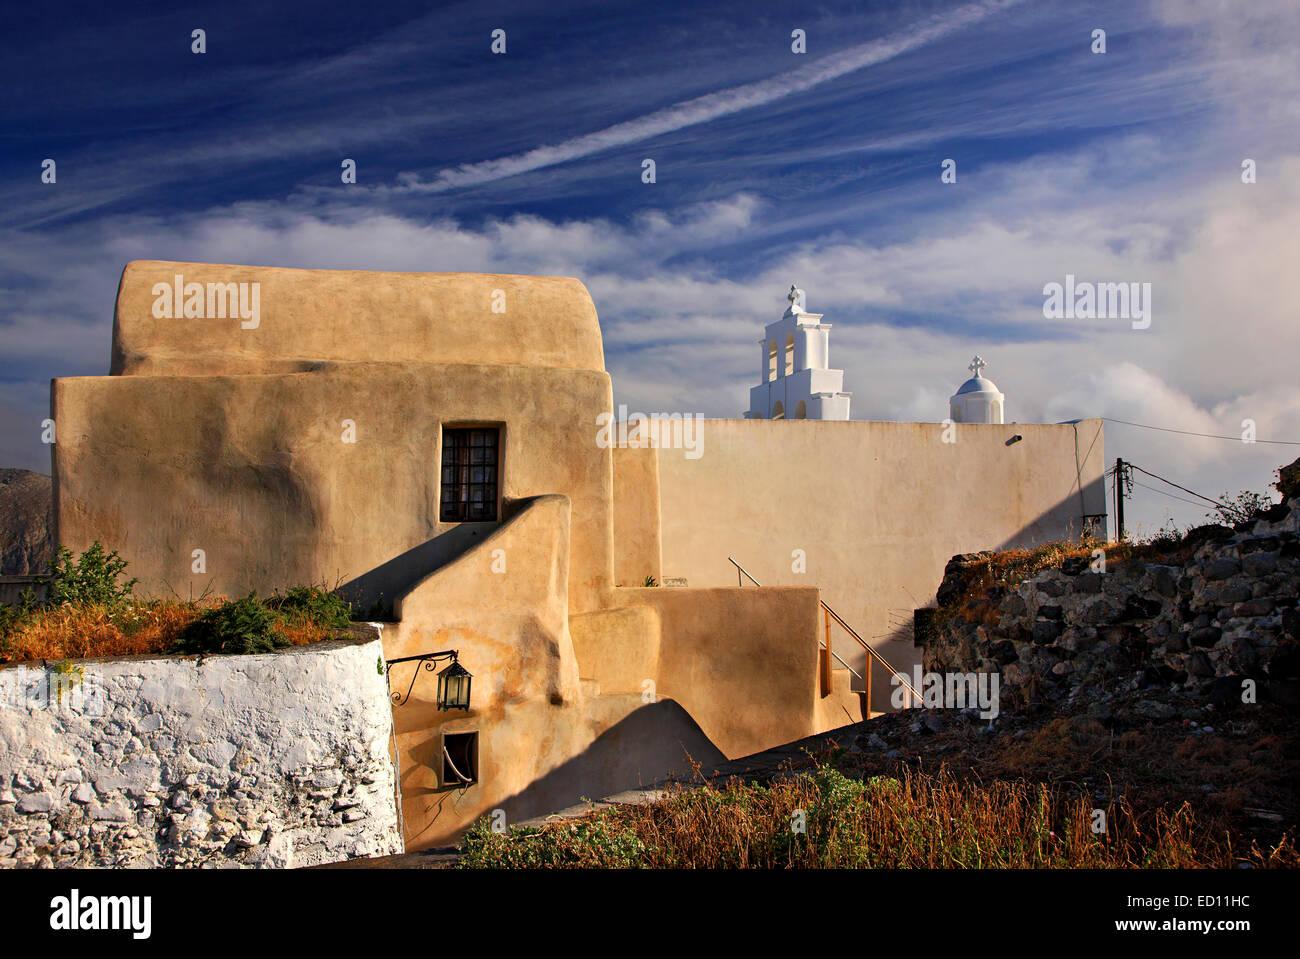 Una bonita pequeña casa, magnífico ejemplo de arquitectura Cycladian en la parte superior de la aldea Imagen De Stock